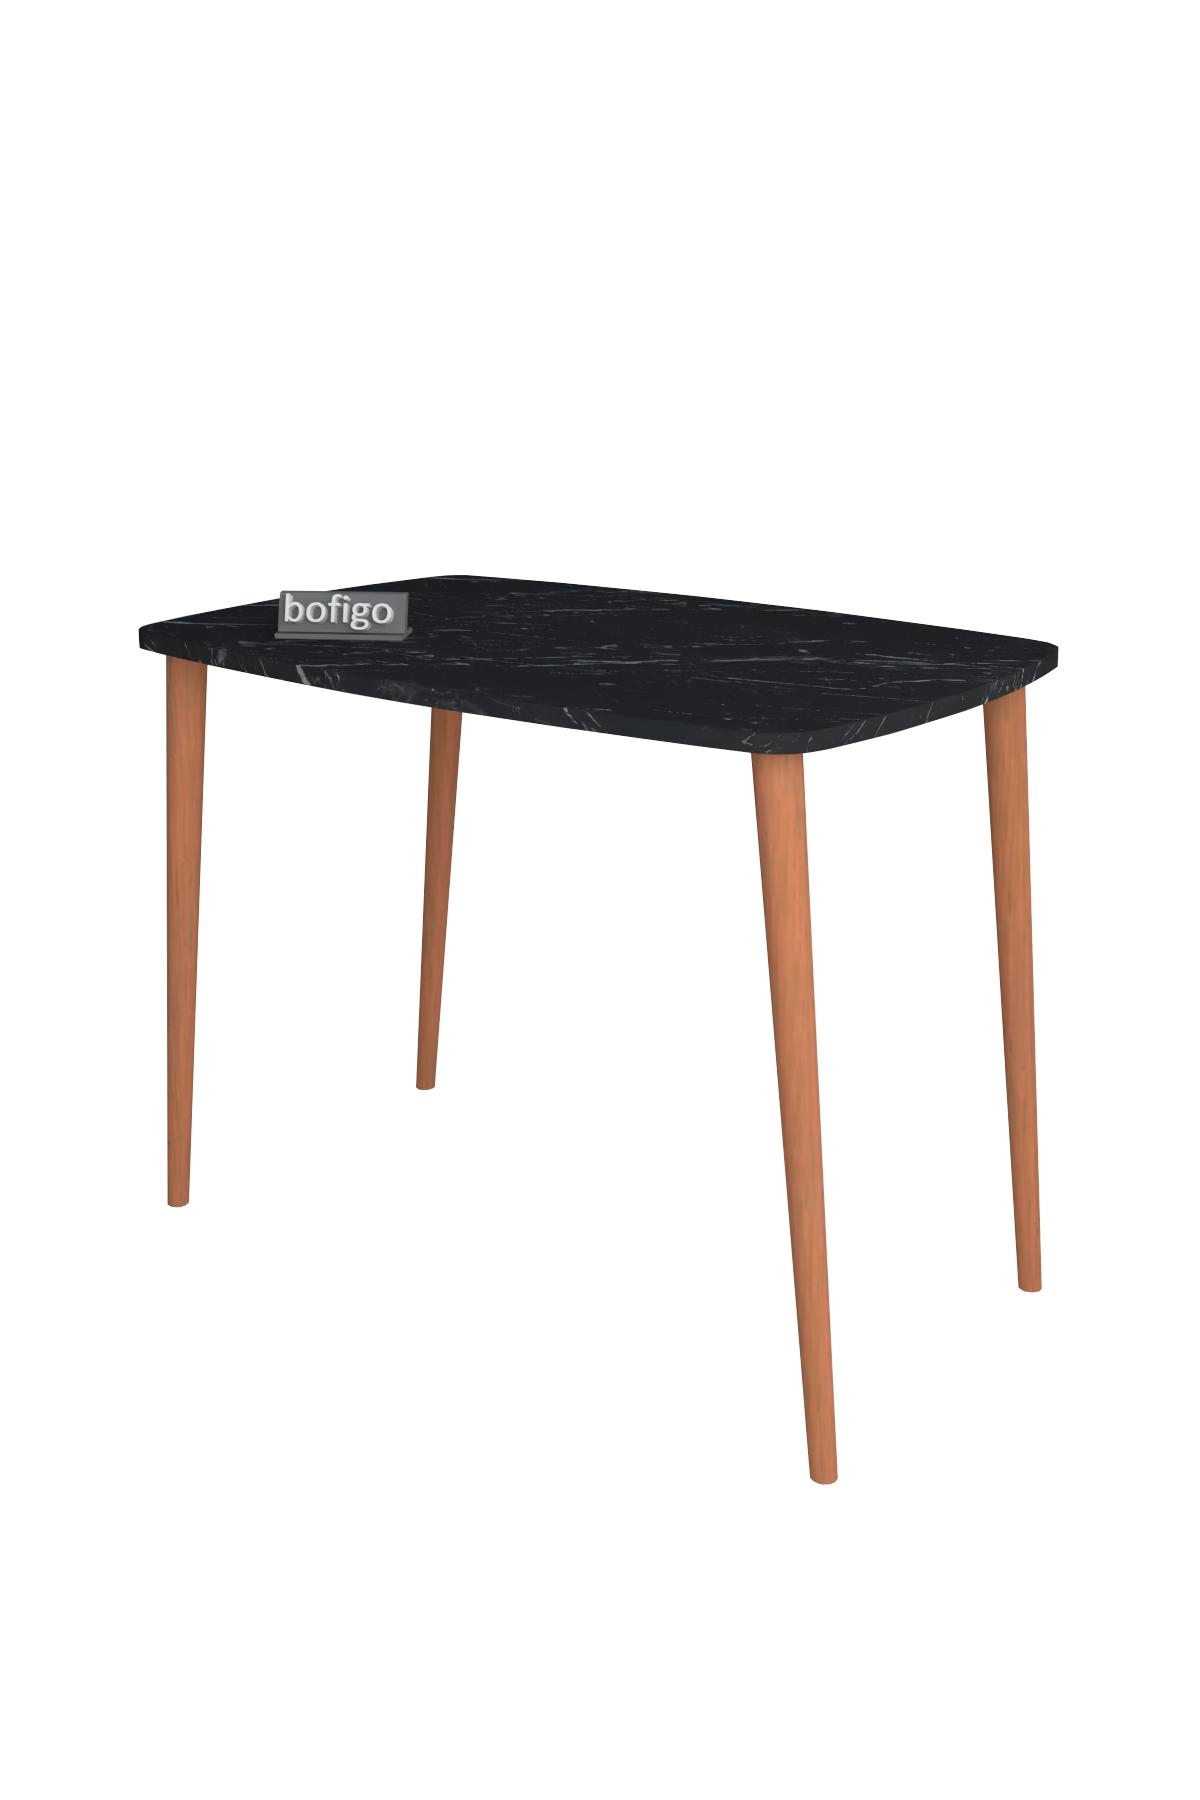 Bofigo Ahşap Ayaklı Çalışma Masası 60x90 Cm Bendir